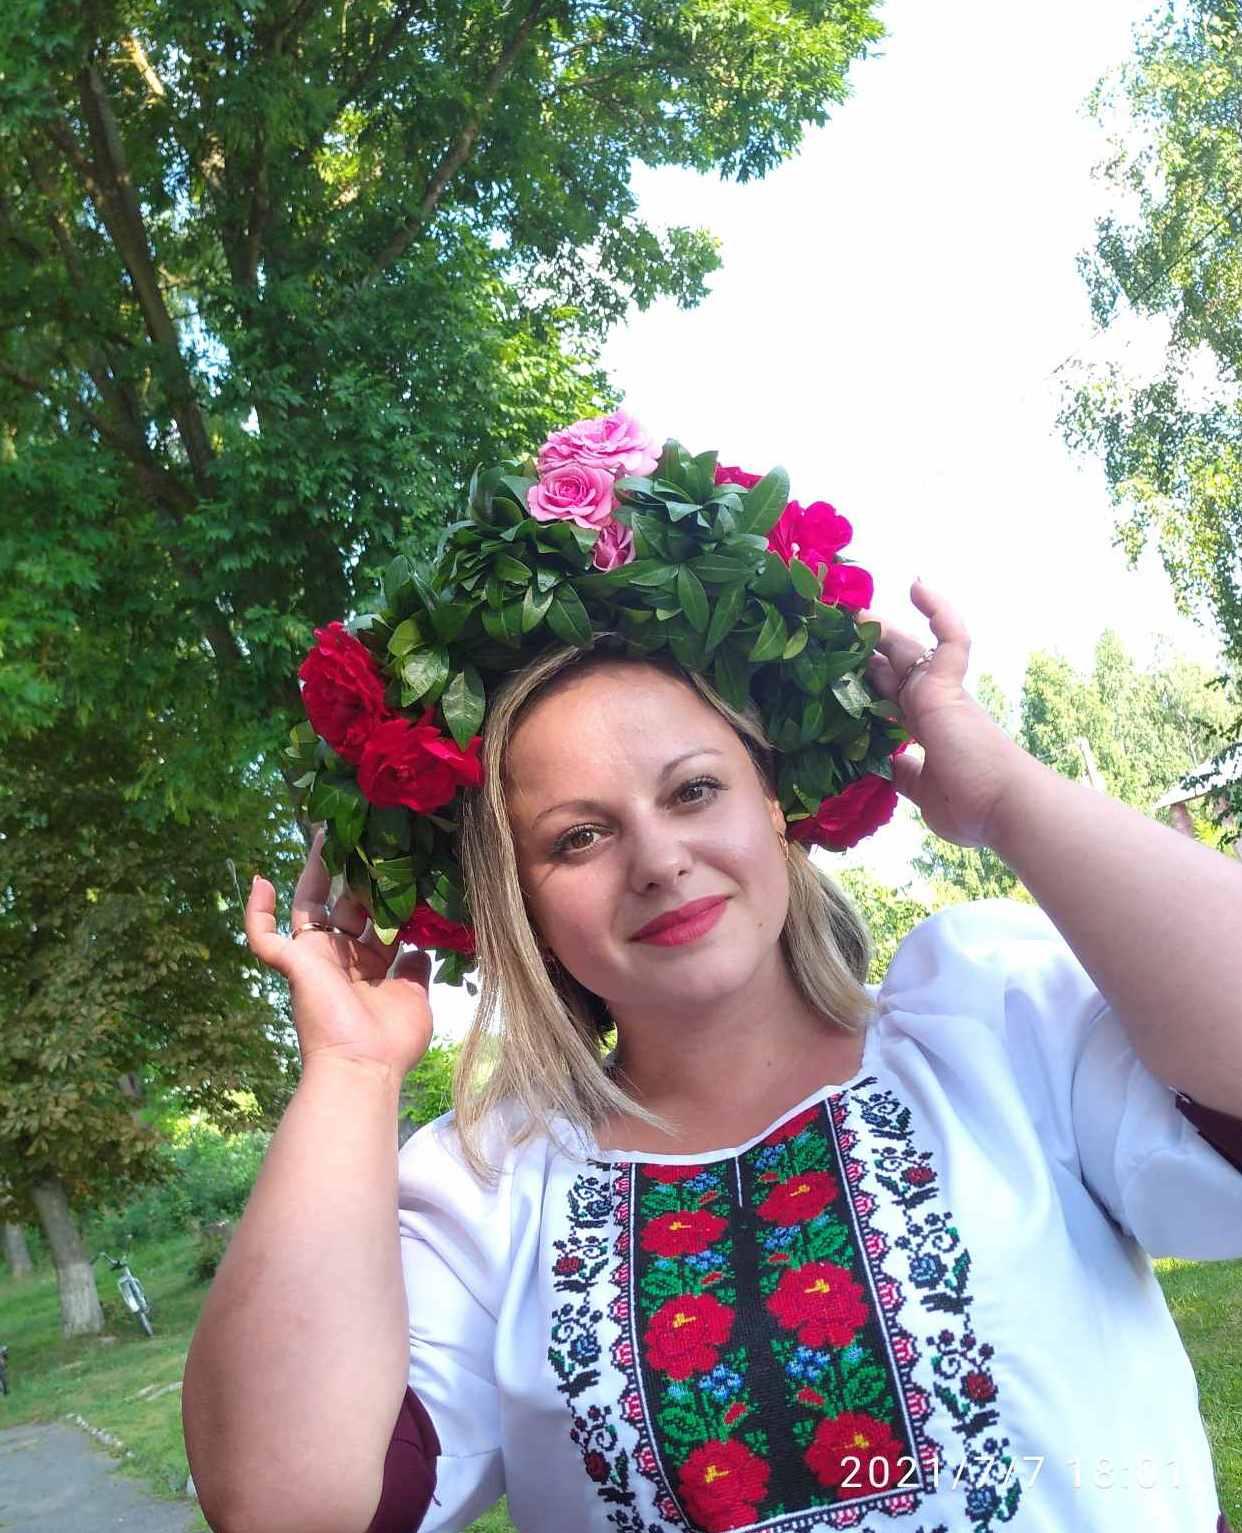 Vinochok.yzobrazhenye_viber_2021-07-08_09-43-09-346